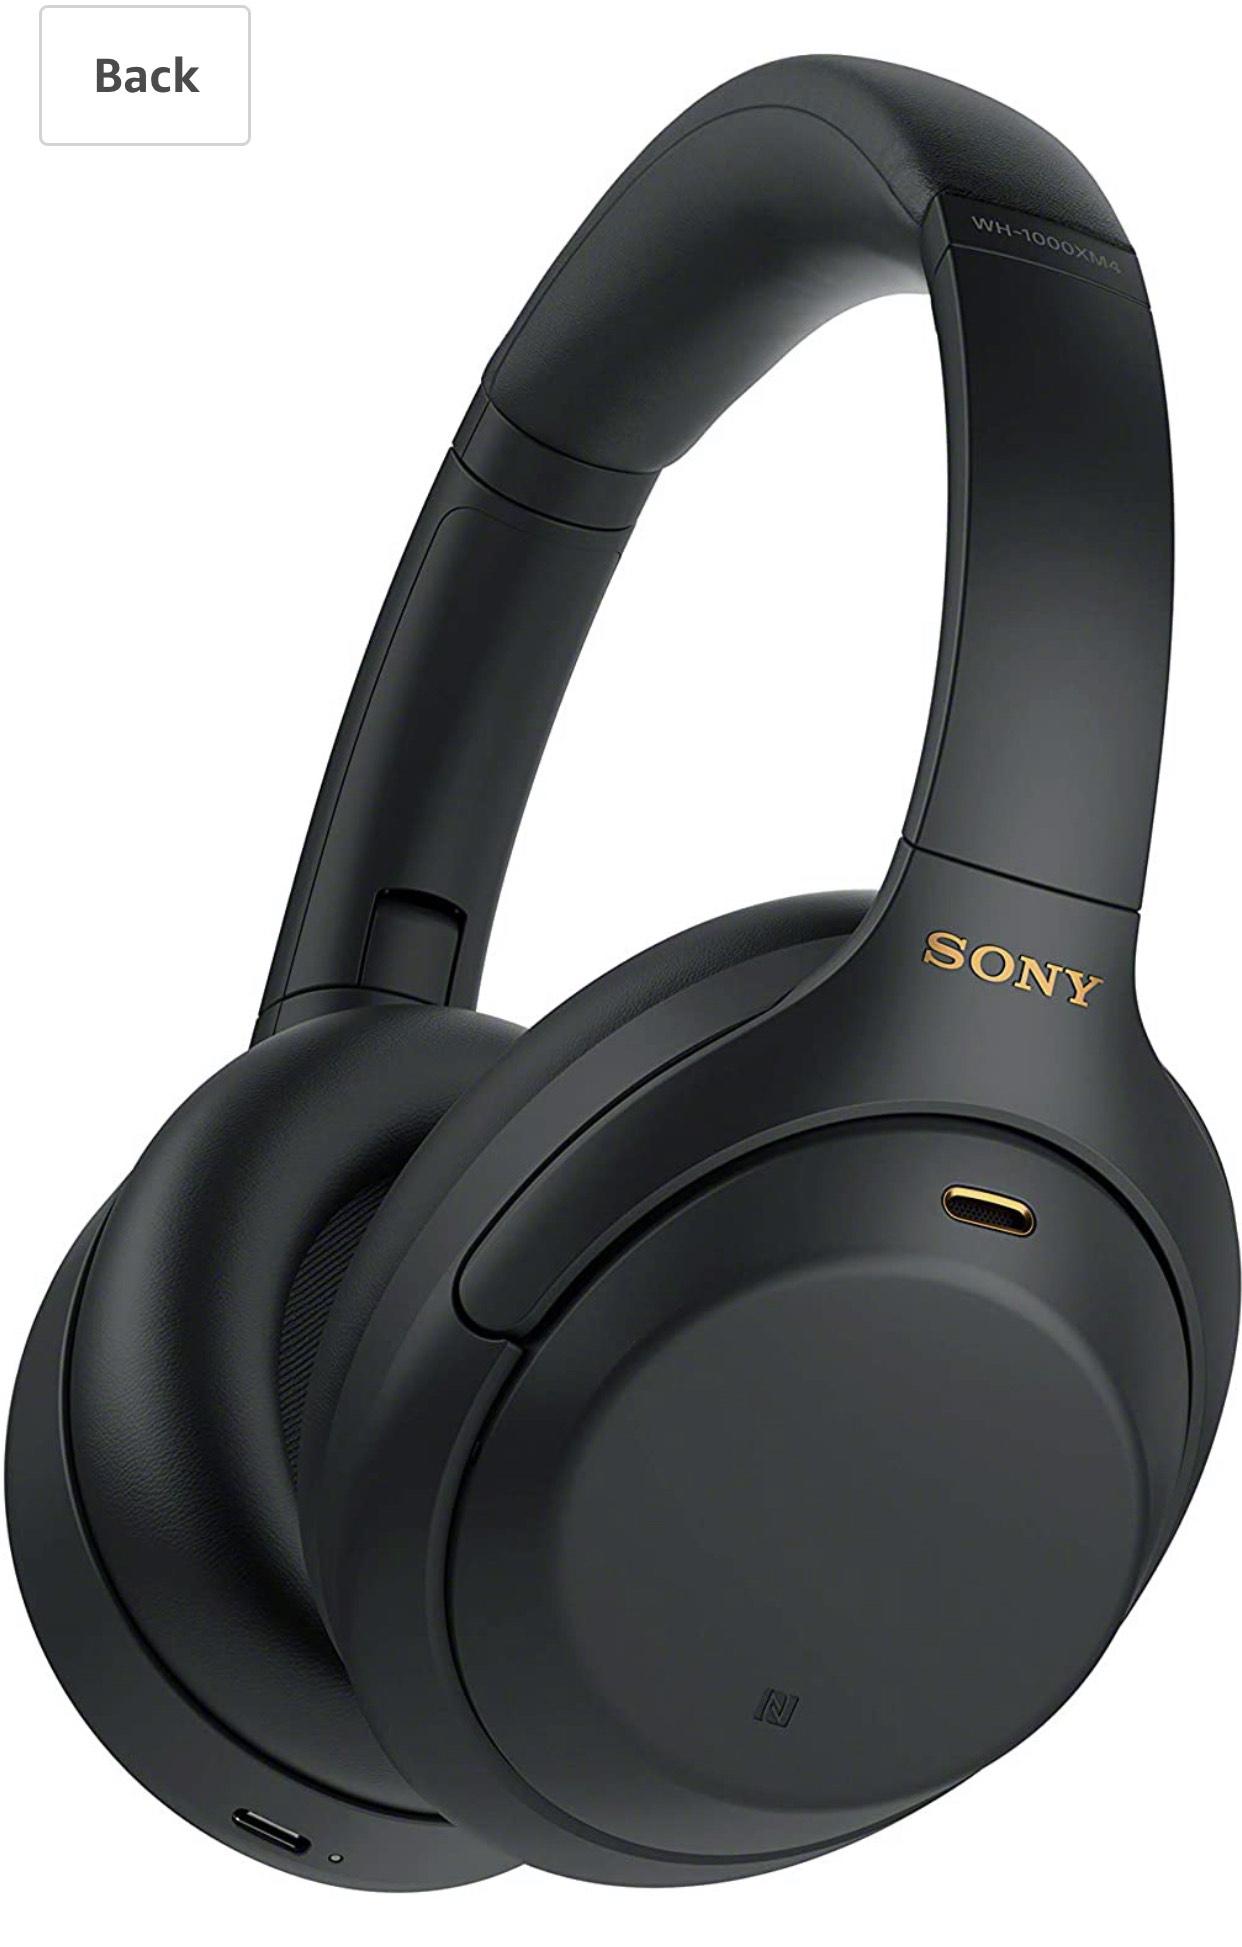 Sony WH-1000XM4 Noise Cancelling Wireless Headphones - £245.32 @ Amazon